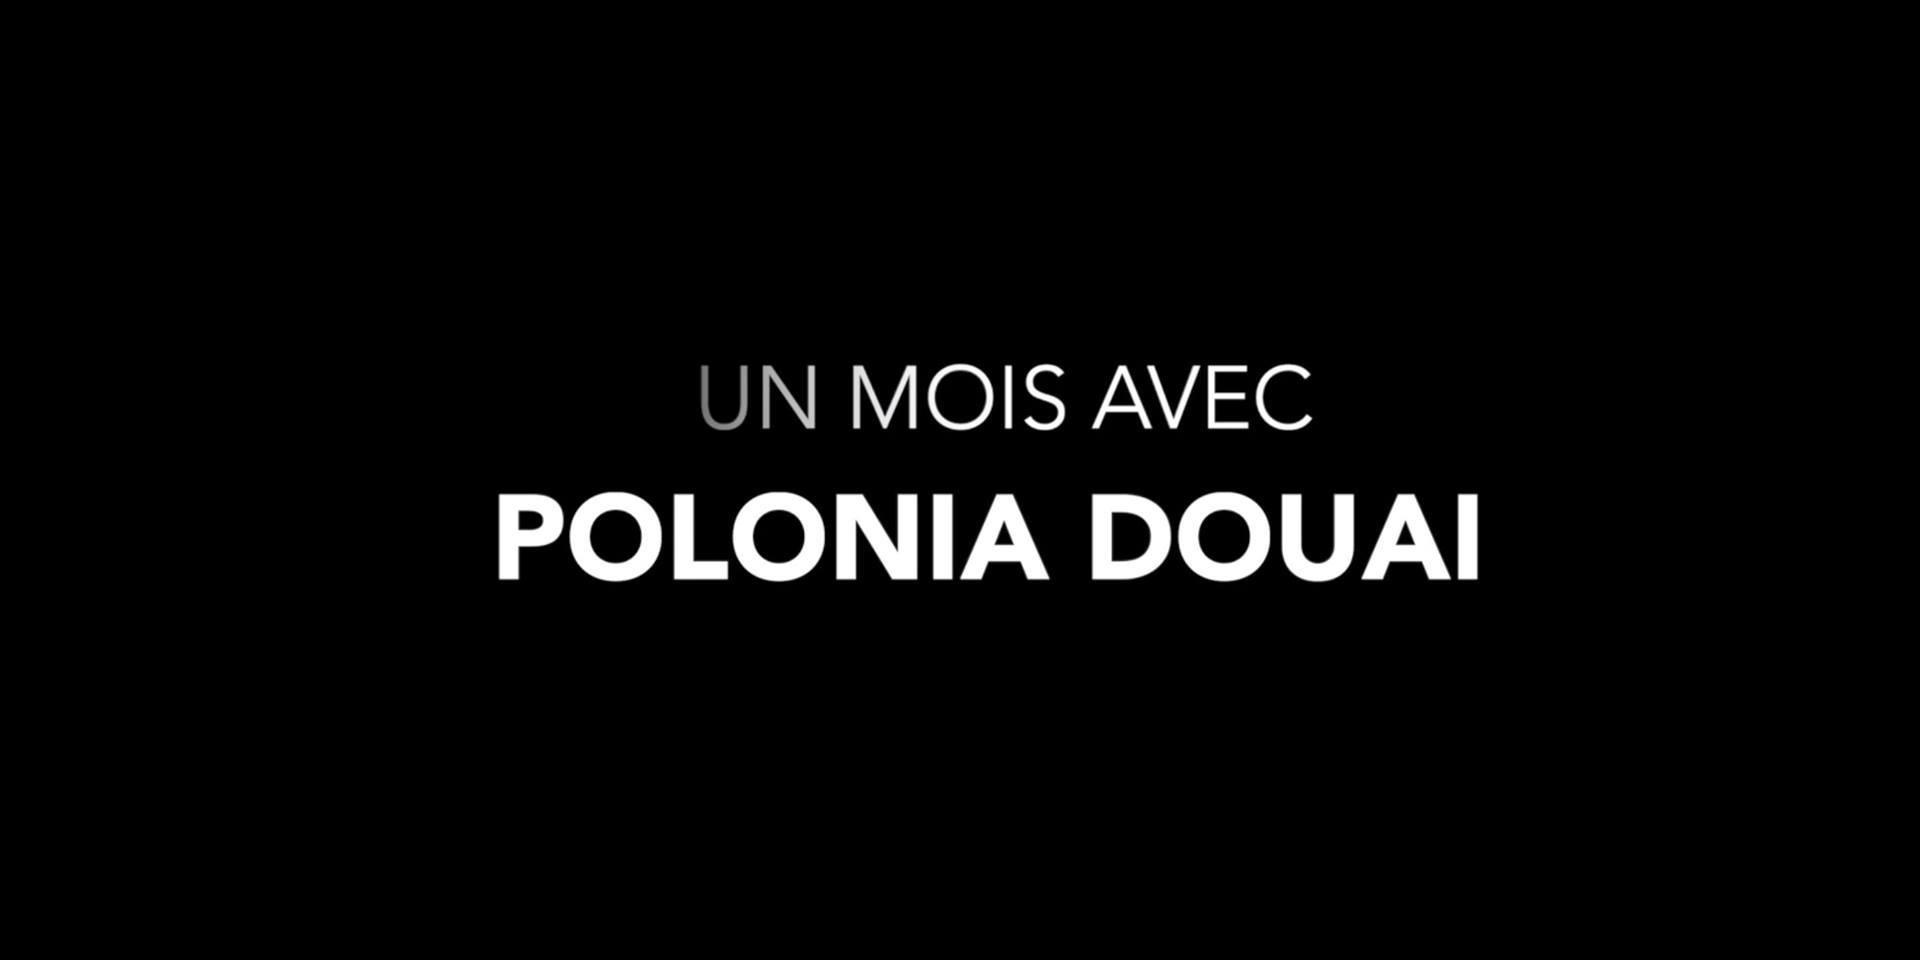 Un mois avec Polonia Douai